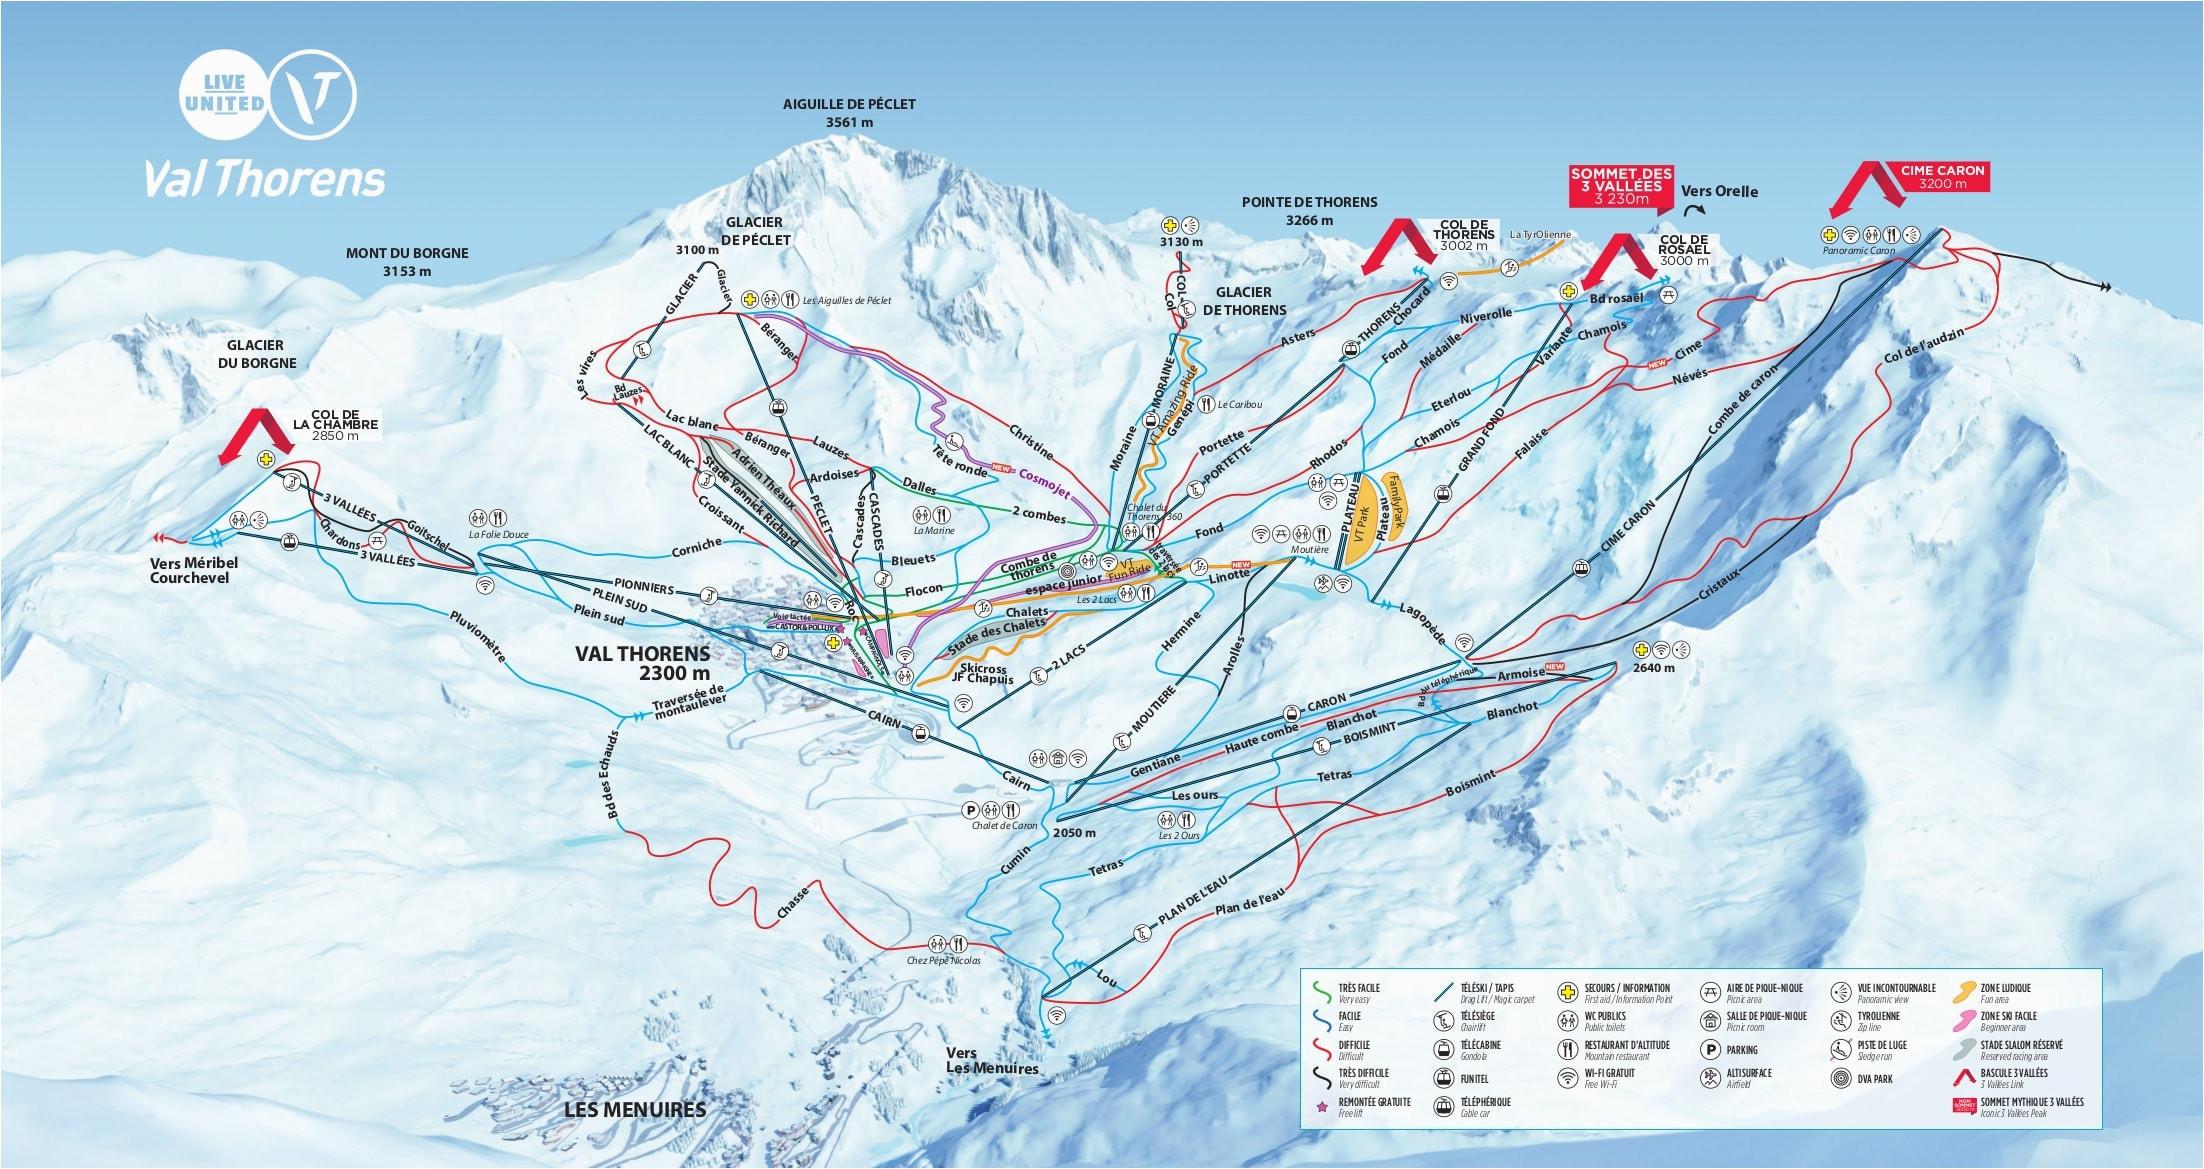 Map Of Meribel France Val Thorens Piste Map 2019 Ski Europe Winter Ski